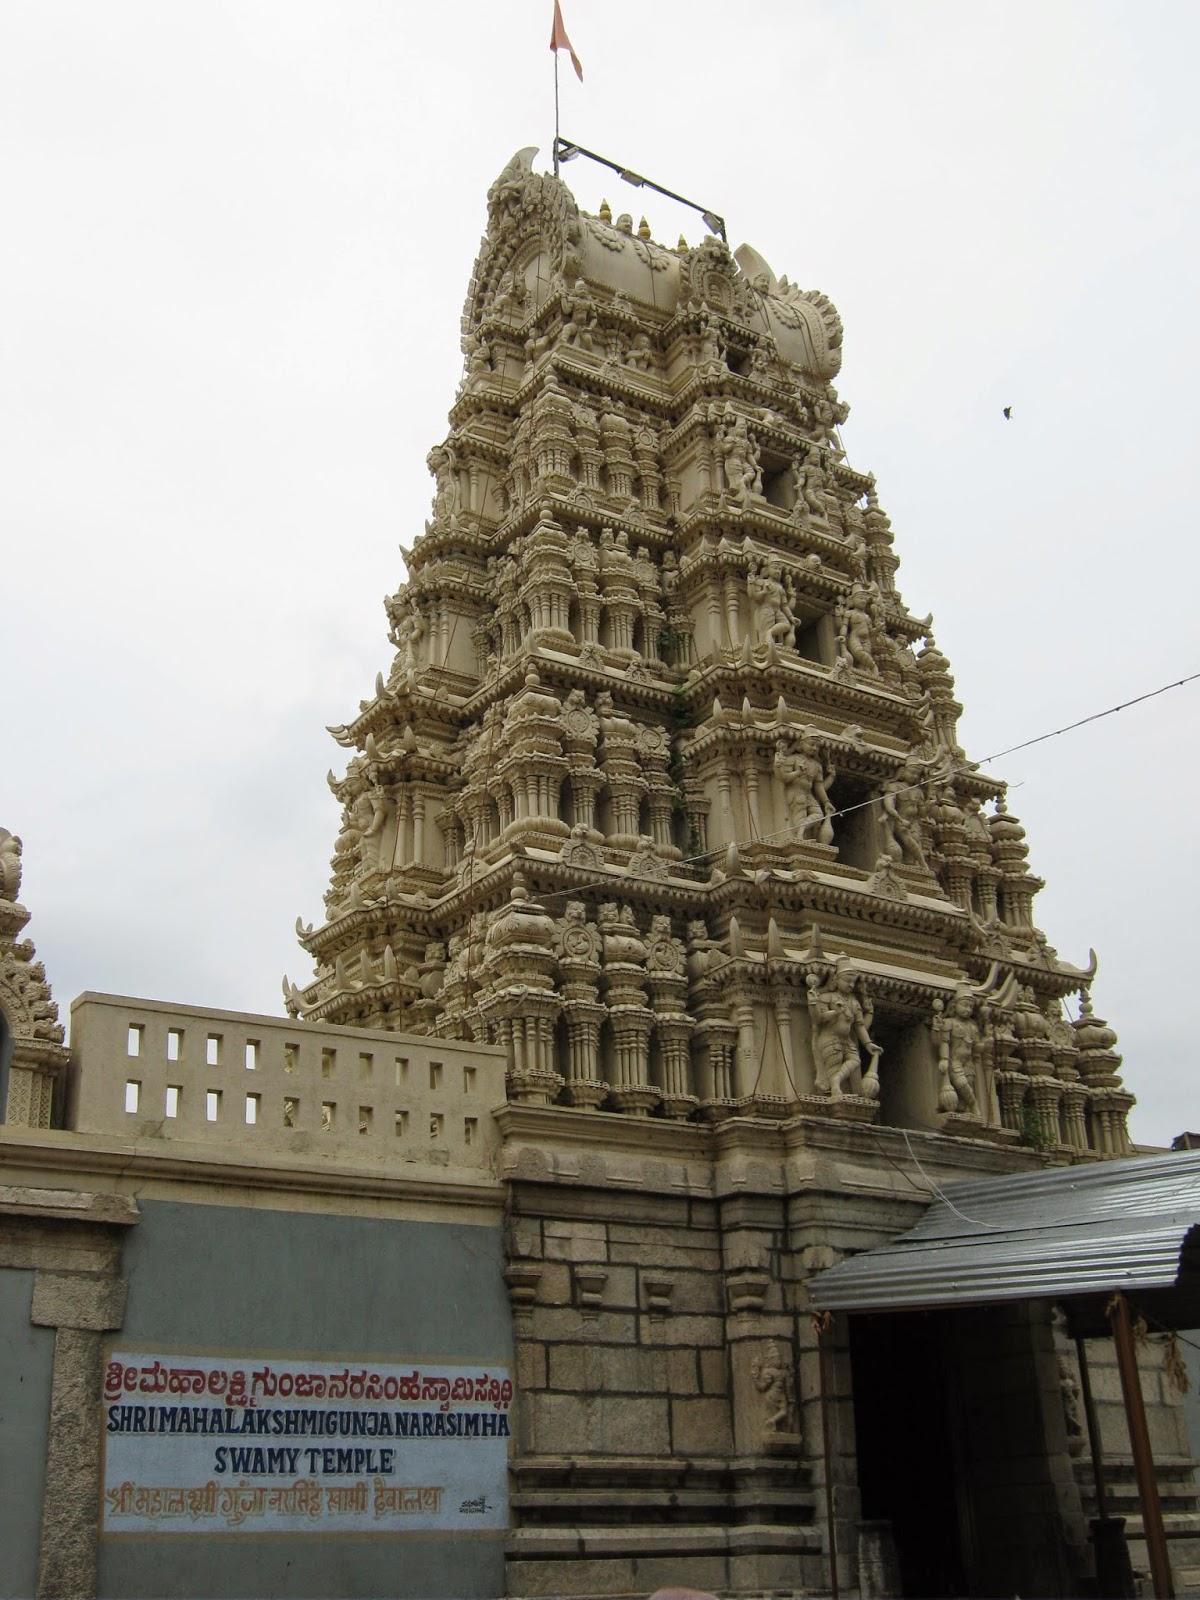 Lakshmi temple in bangalore dating